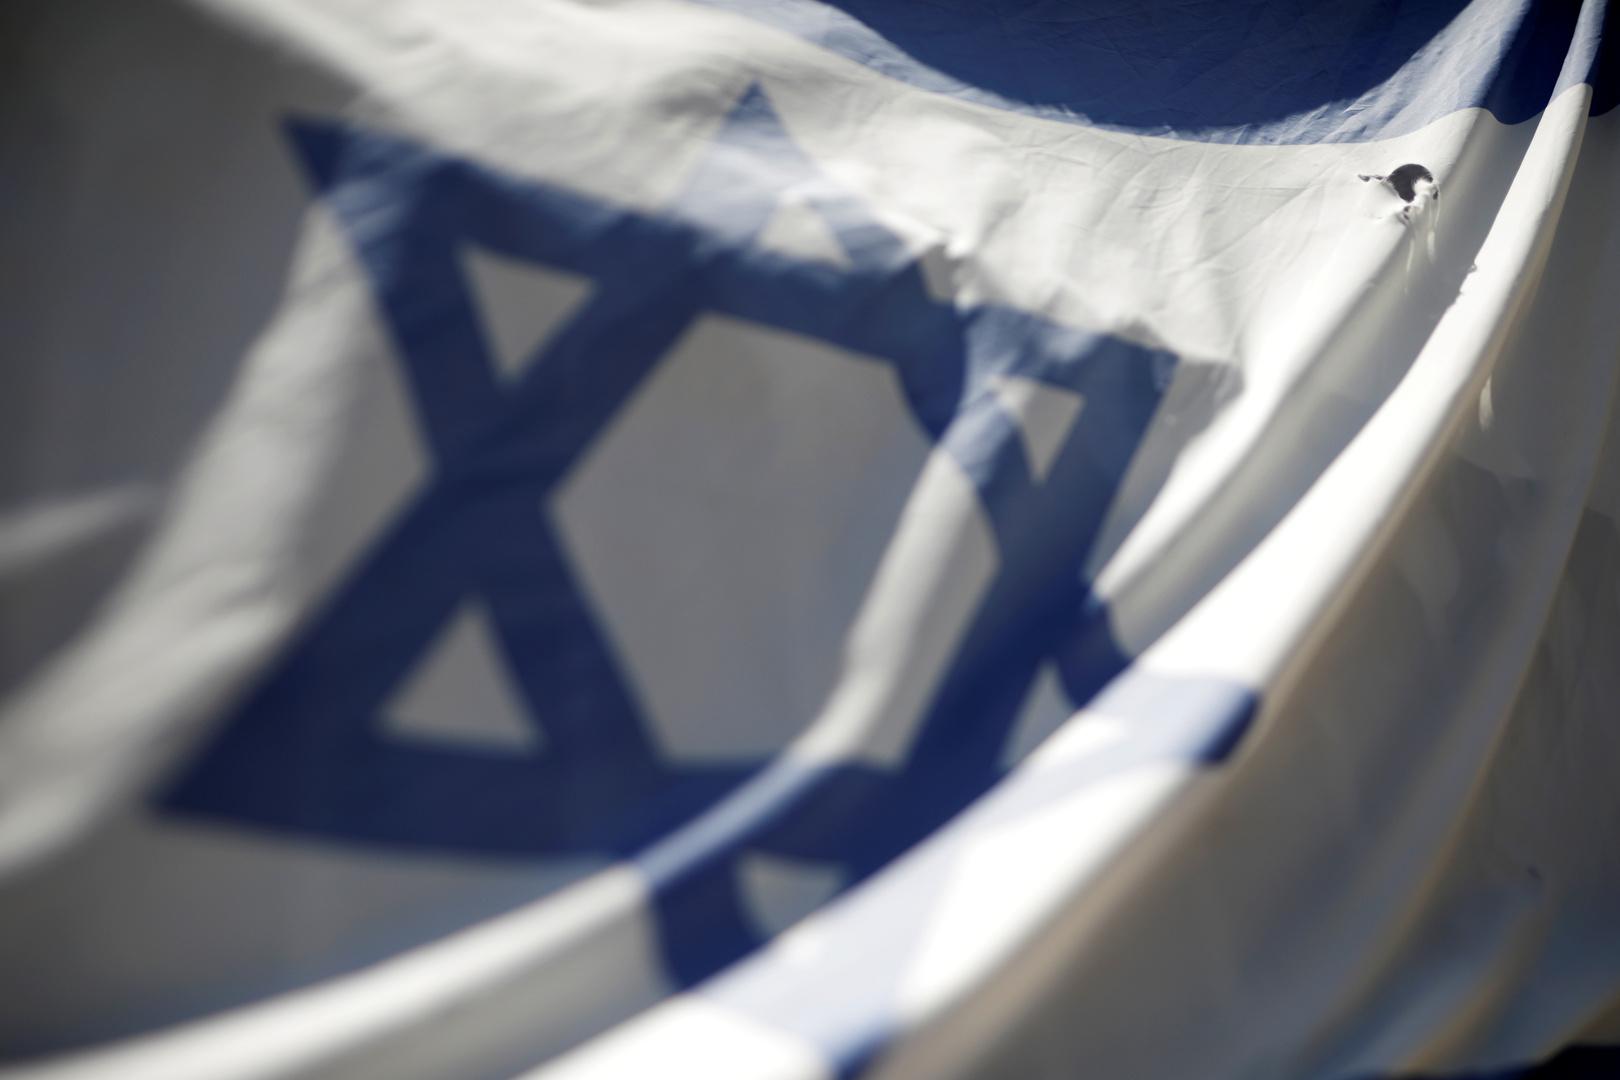 سلاح الجو الإسرائيلي يطلق أول مناورة دولية باستخدام طائرات بدون طيار